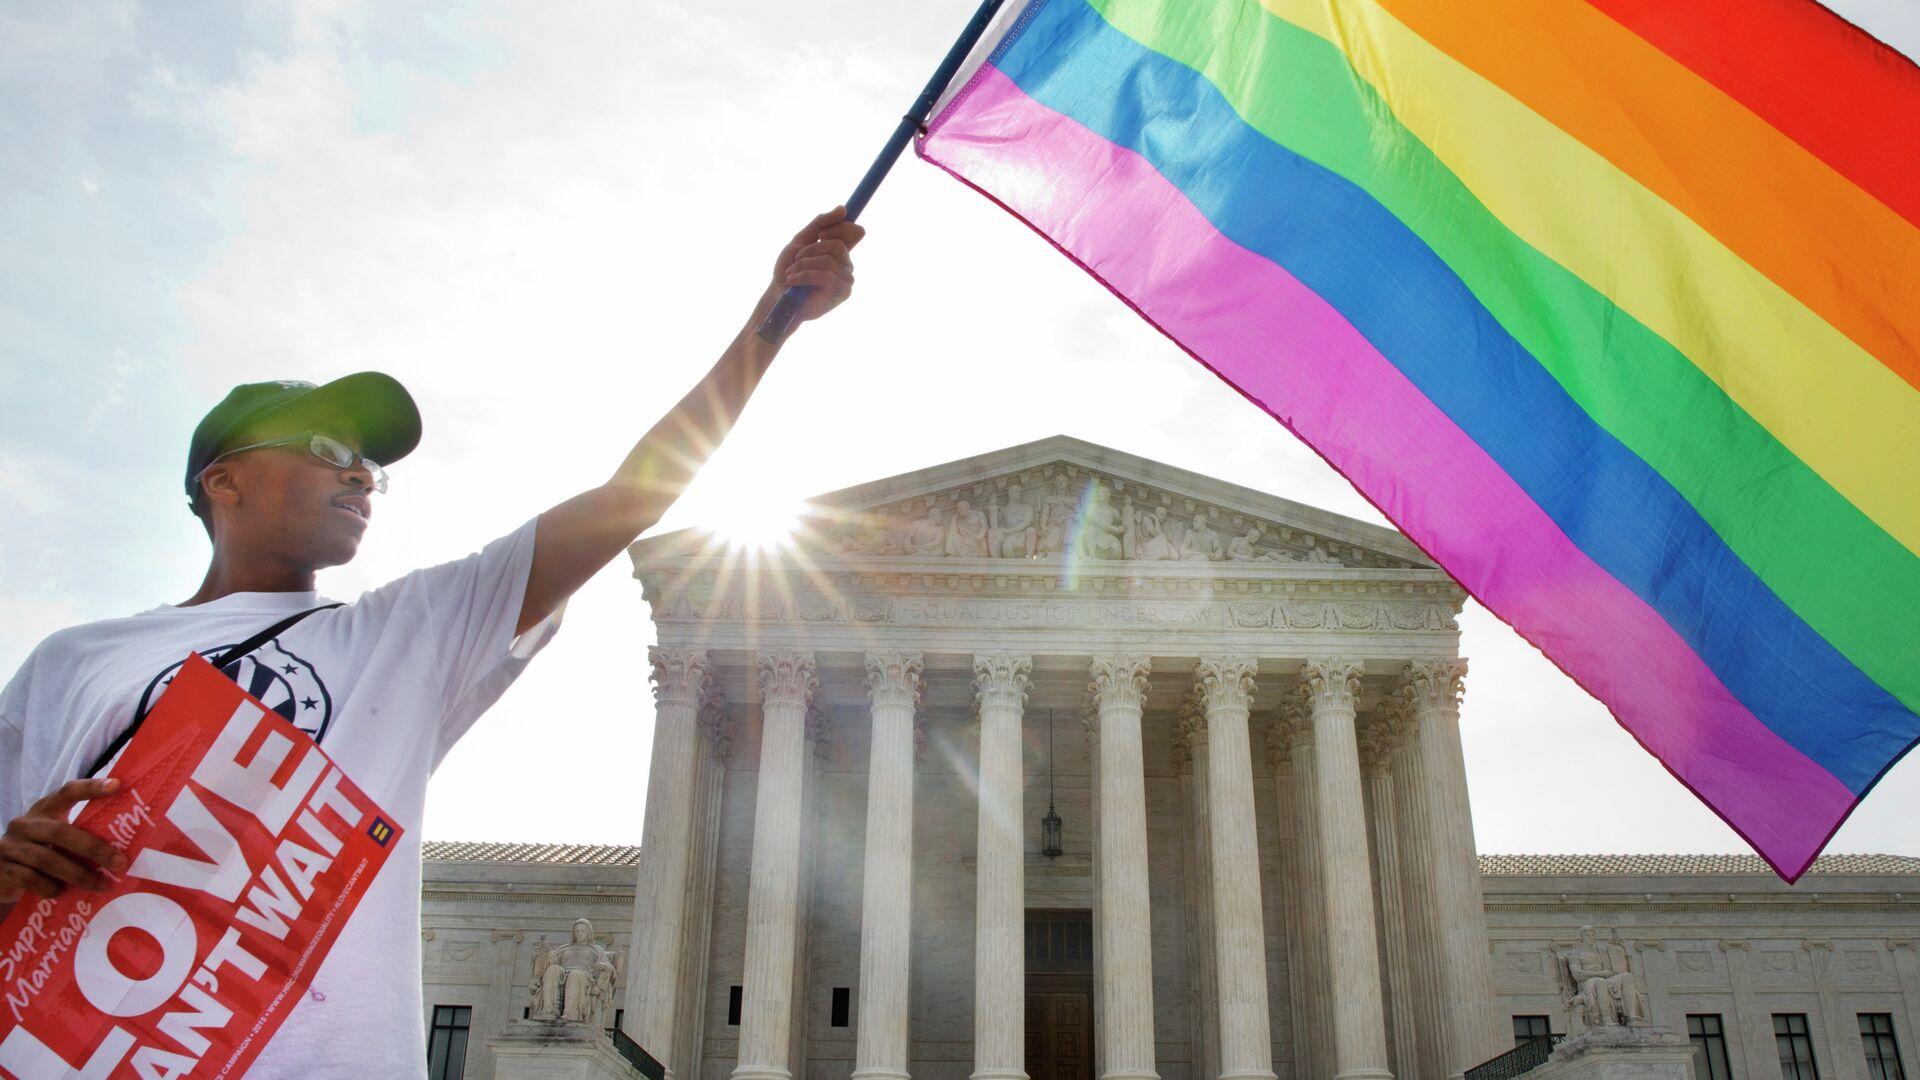 Активист держит флаг ЛГБТ у здания Верховного суда США в Вашингтоне - РИА Новости, 1920, 01.11.2020